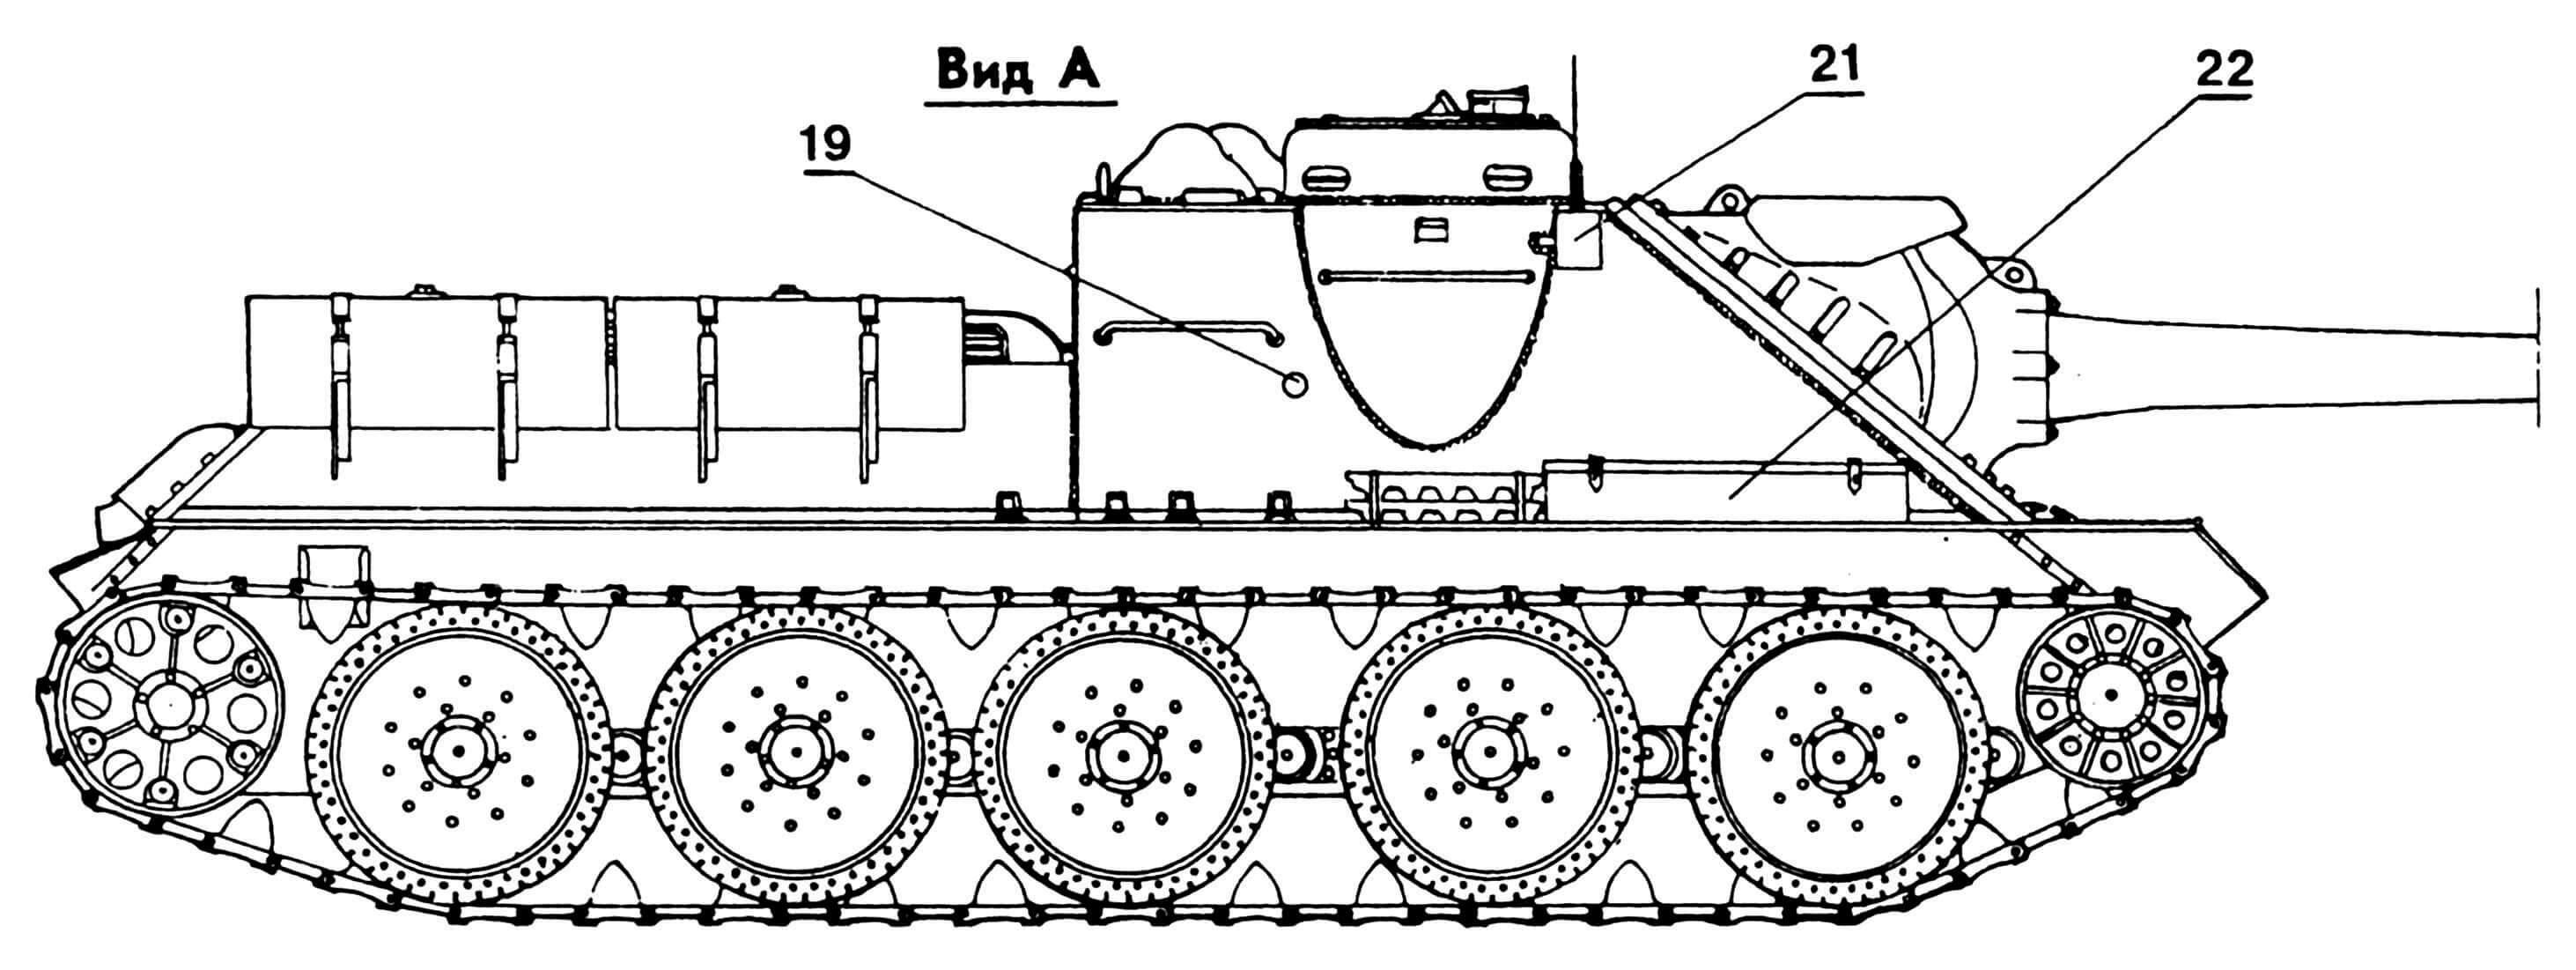 Самоходно-артиллерийская установка СУ-100: 1— пушка Д-10С; 2 — фара; 3 — сигнал; 4 — ящик с ЗИП пушки; 5 — колпаки вентиляторов, броневые; 6 — прибор наблюдения MK-IV; 7 — колпак стопора пушки; 8 — крышка люка панорамы; 9 — крышка люка-лаза; 10 — крышка люка над двигателем; 11 — колпак воздухопритока; 12 — крышка лючка для заливки масла; 13 — колпак откидной над жалюзи воздухоотвода; 14 — колпаки выхлопных труб, броневые; 15 — крышка люка для доступа к трансмиссии; 16 — башенка командирская; 17 — пробки отверстий для доступа к механизмам натяжения гусениц; 18 — пробка отверстия для доступа к заливной горловине передних топливных баков; 19 — пробки отверстий для стрельбы из личного оружия; 20 — крышка люка механика-водителя; 21 — вывод антенны; 22 — ящик с ЗИП.